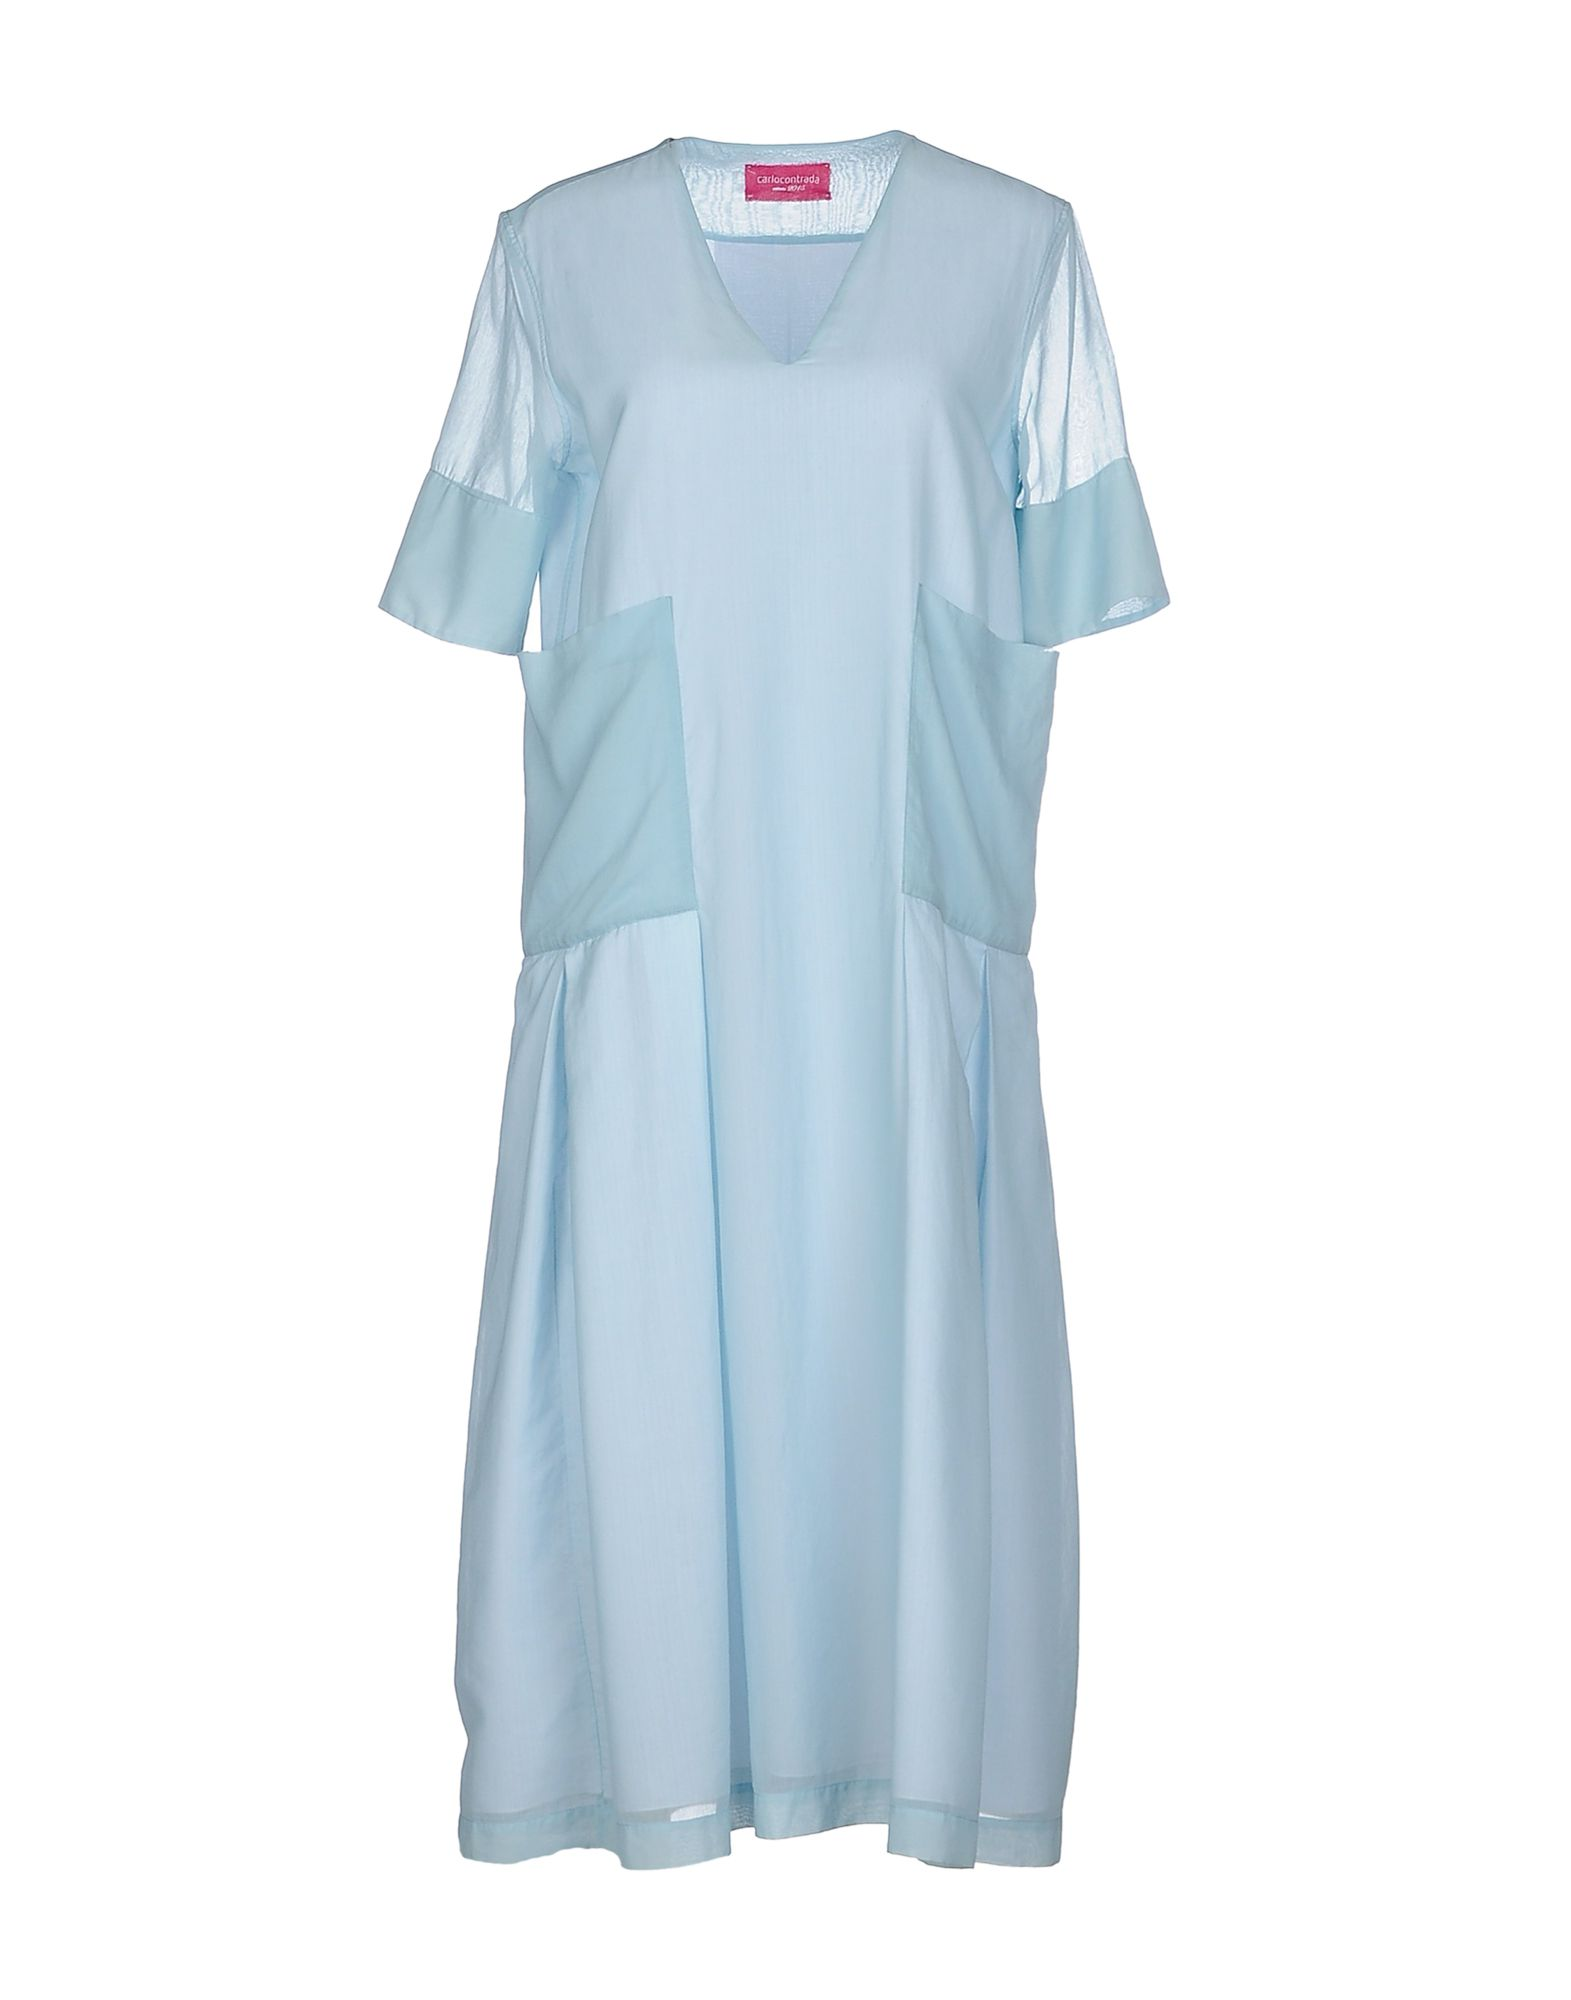 CARLO CONTRADA Платье длиной 3/4 carlo contrada юбка длиной 3 4